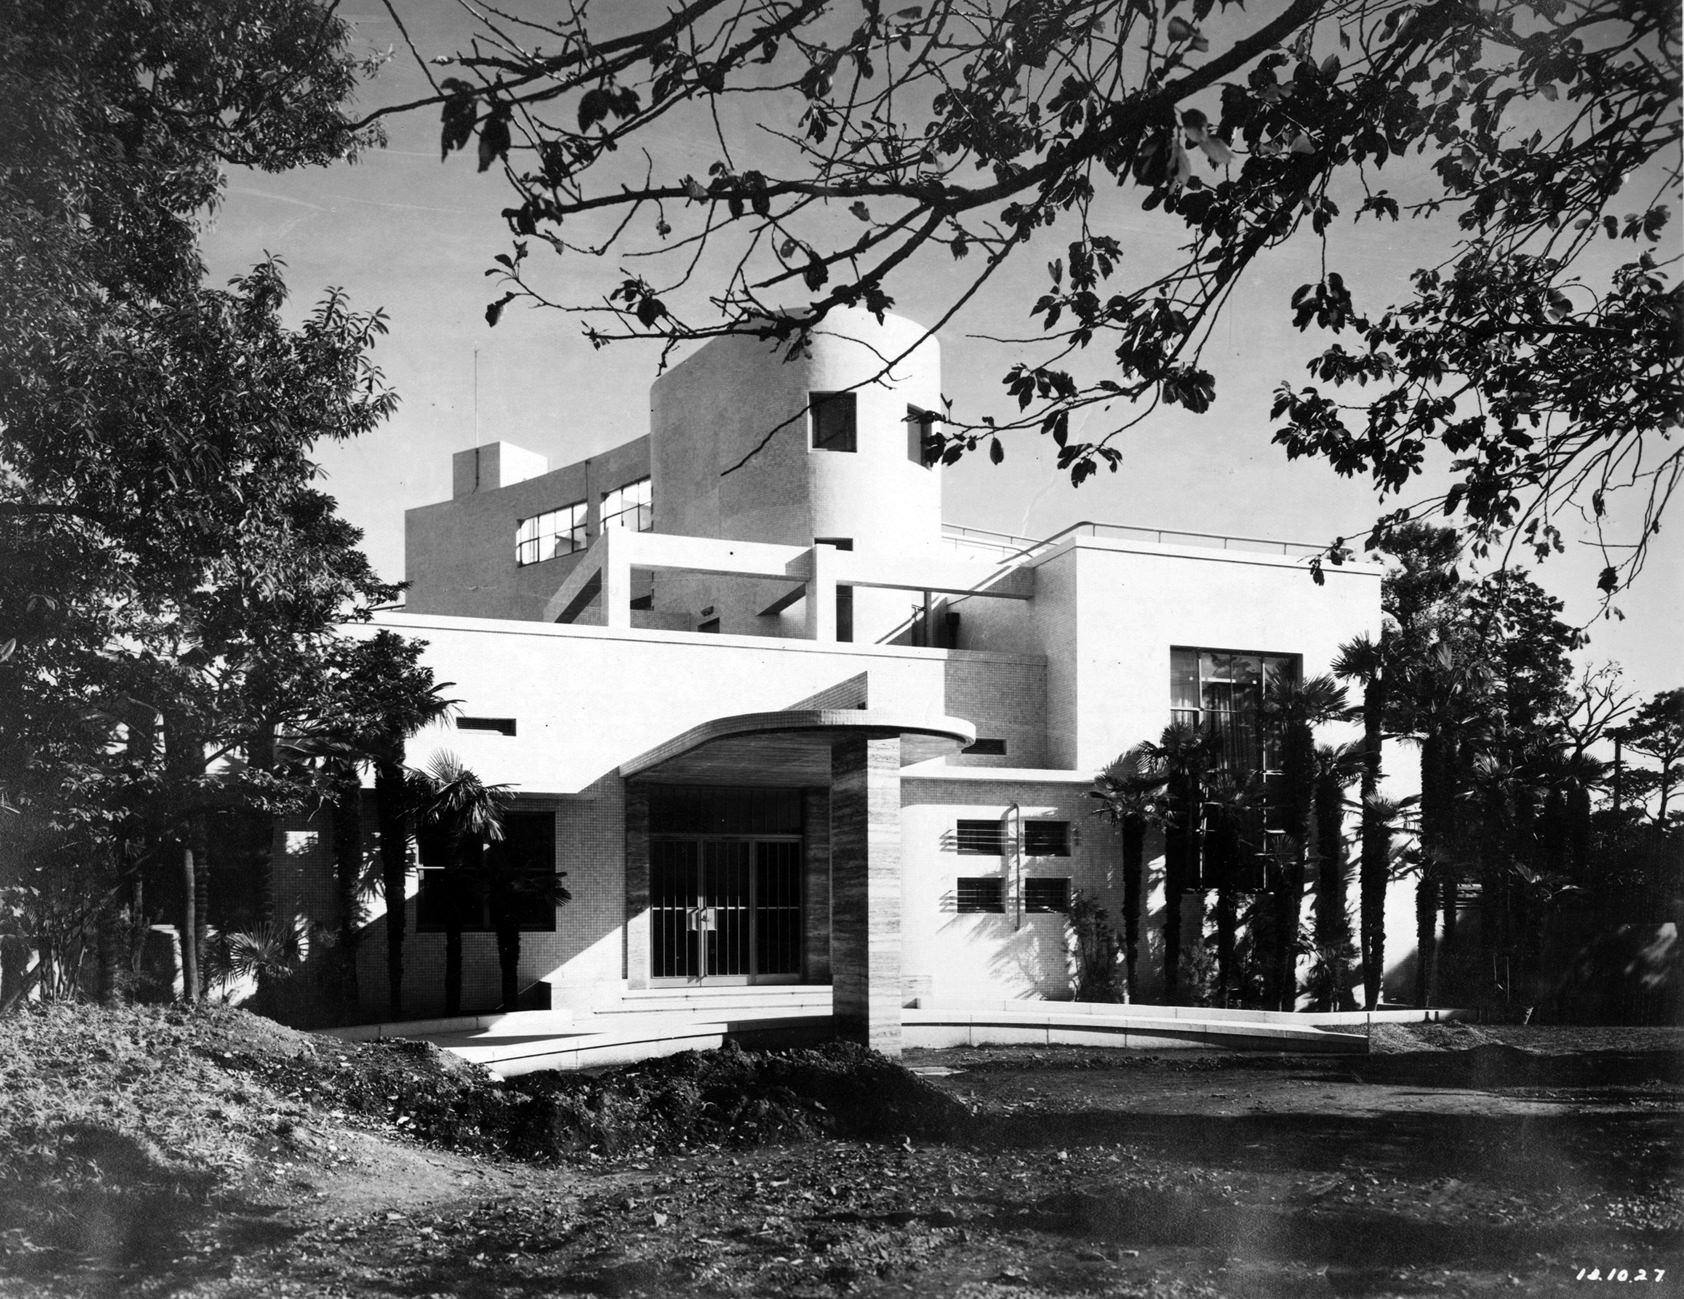 原美術館の建築 1938年竣工当時の原家邸宅外観